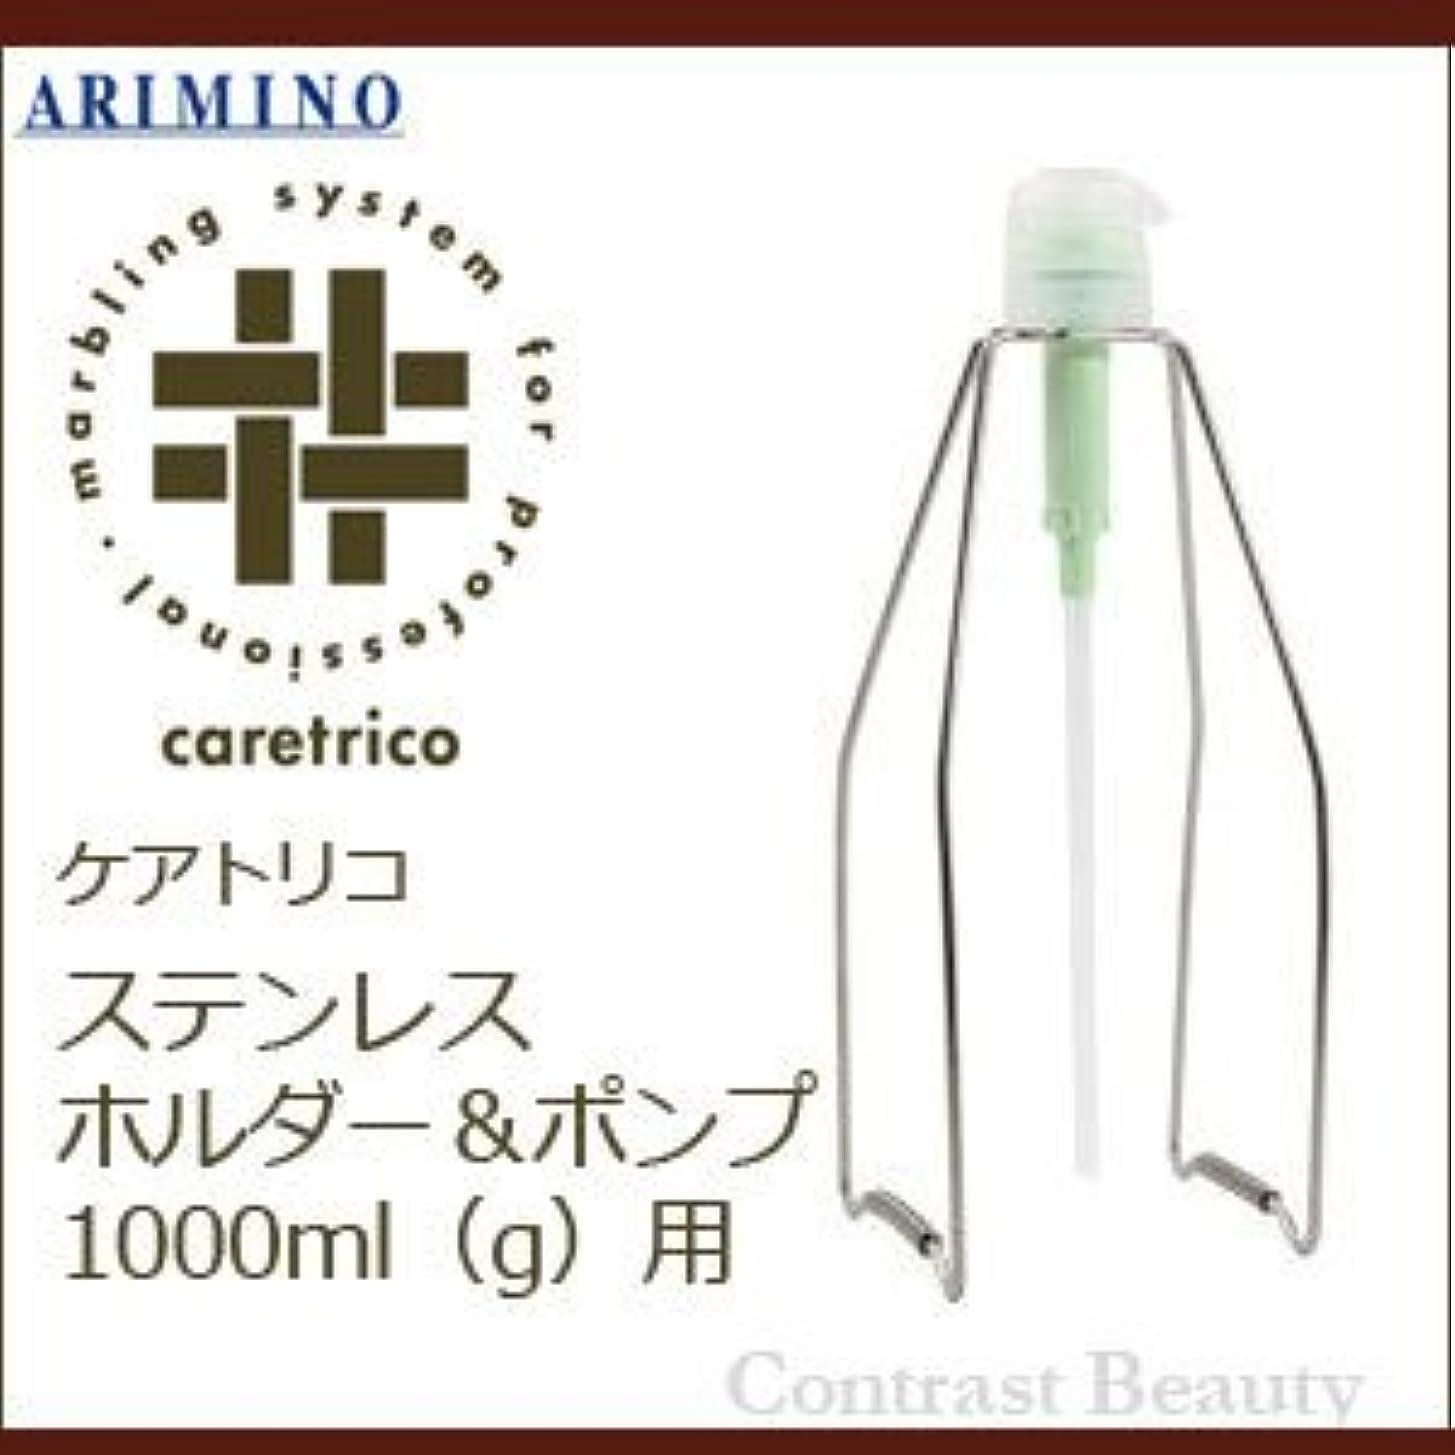 ウイルス援助タクシーアリミノ ケアトリコ 1000ml(g)用 ステンレス ホルダー&ポンプ